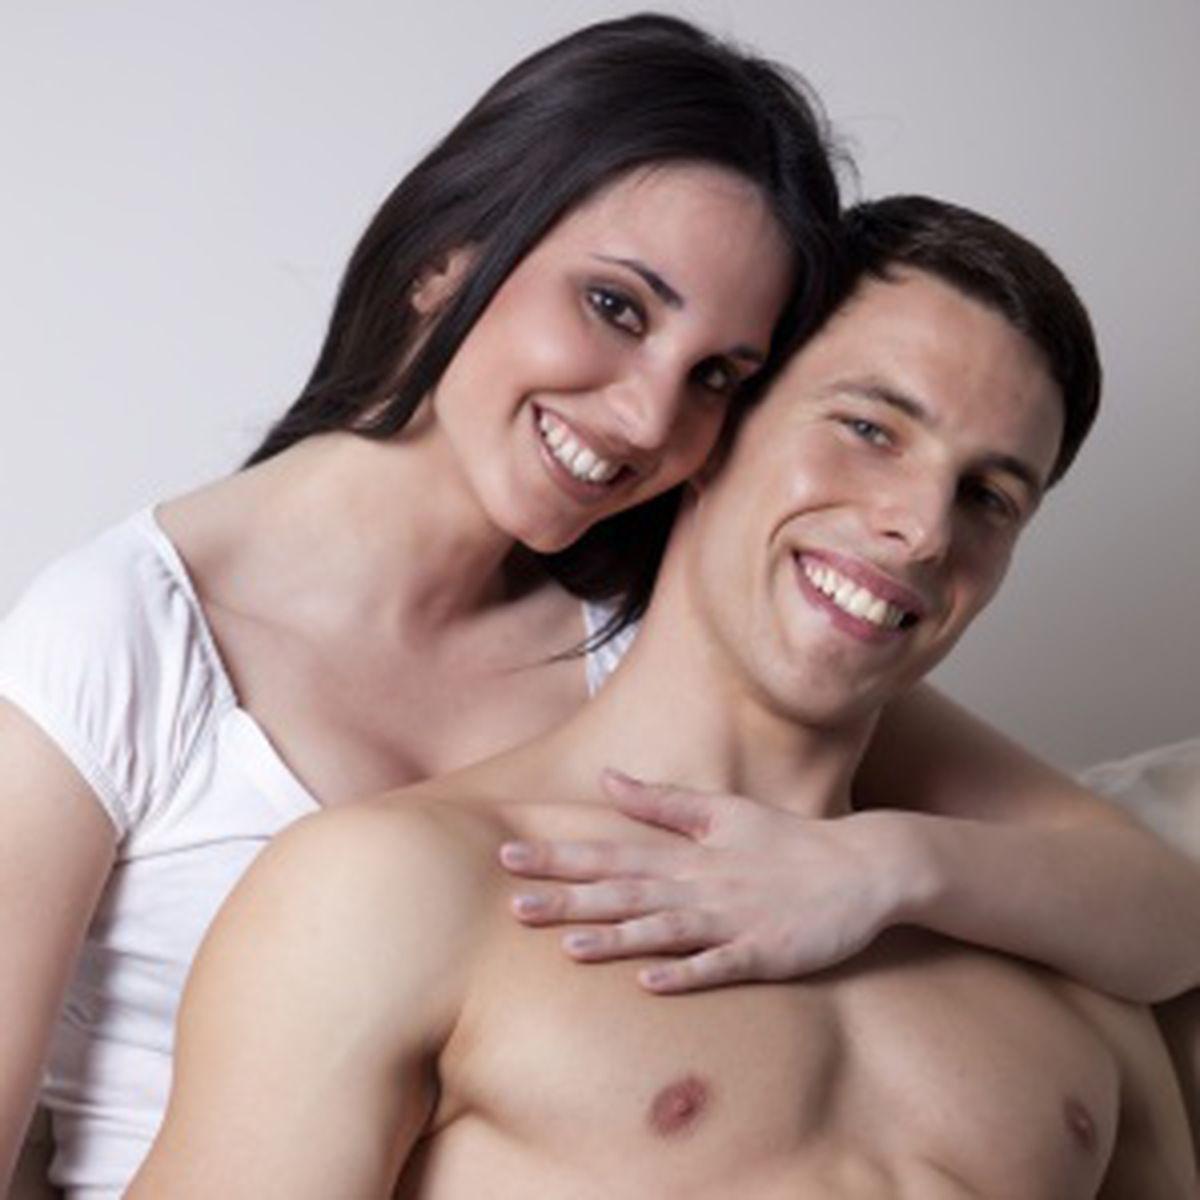 în timpul unei erecții, penisul se mărește ce să faci dacă erecția permanentă